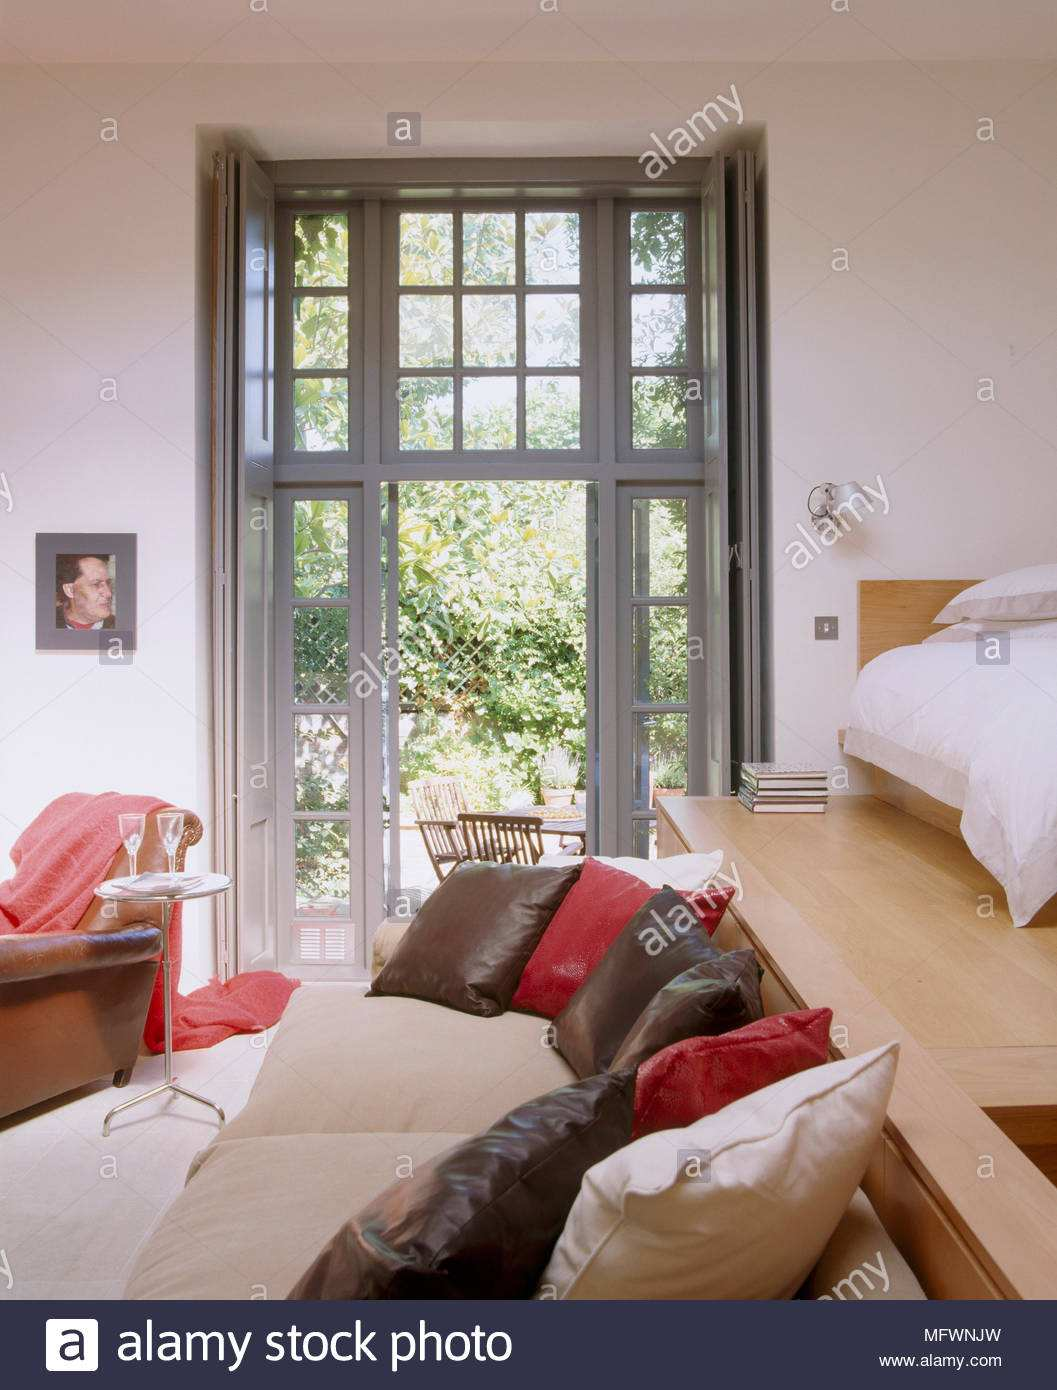 Full Size of Luxus Bett 59 Im Wohnzimmer Integrieren Schn Tolles Tagesdecken Für Betten Nolte Mit Ausziehbett Moebel De Gebrauchte 200x200 Komforthöhe Roba 120 X 200 Cars Bett Luxus Bett